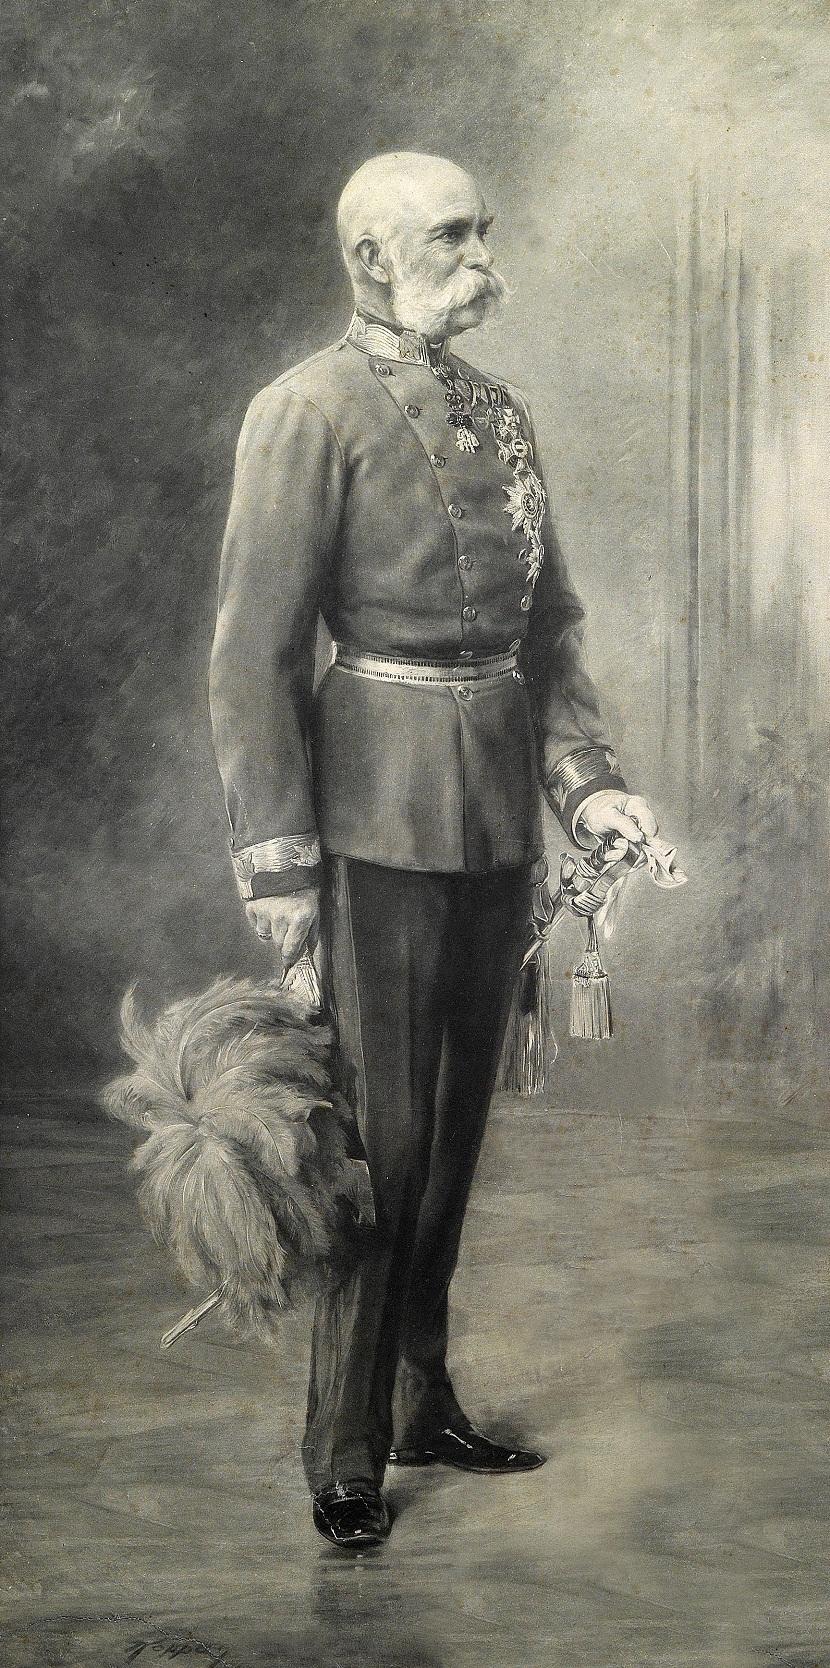 Император Франц Иосиф из Австрии